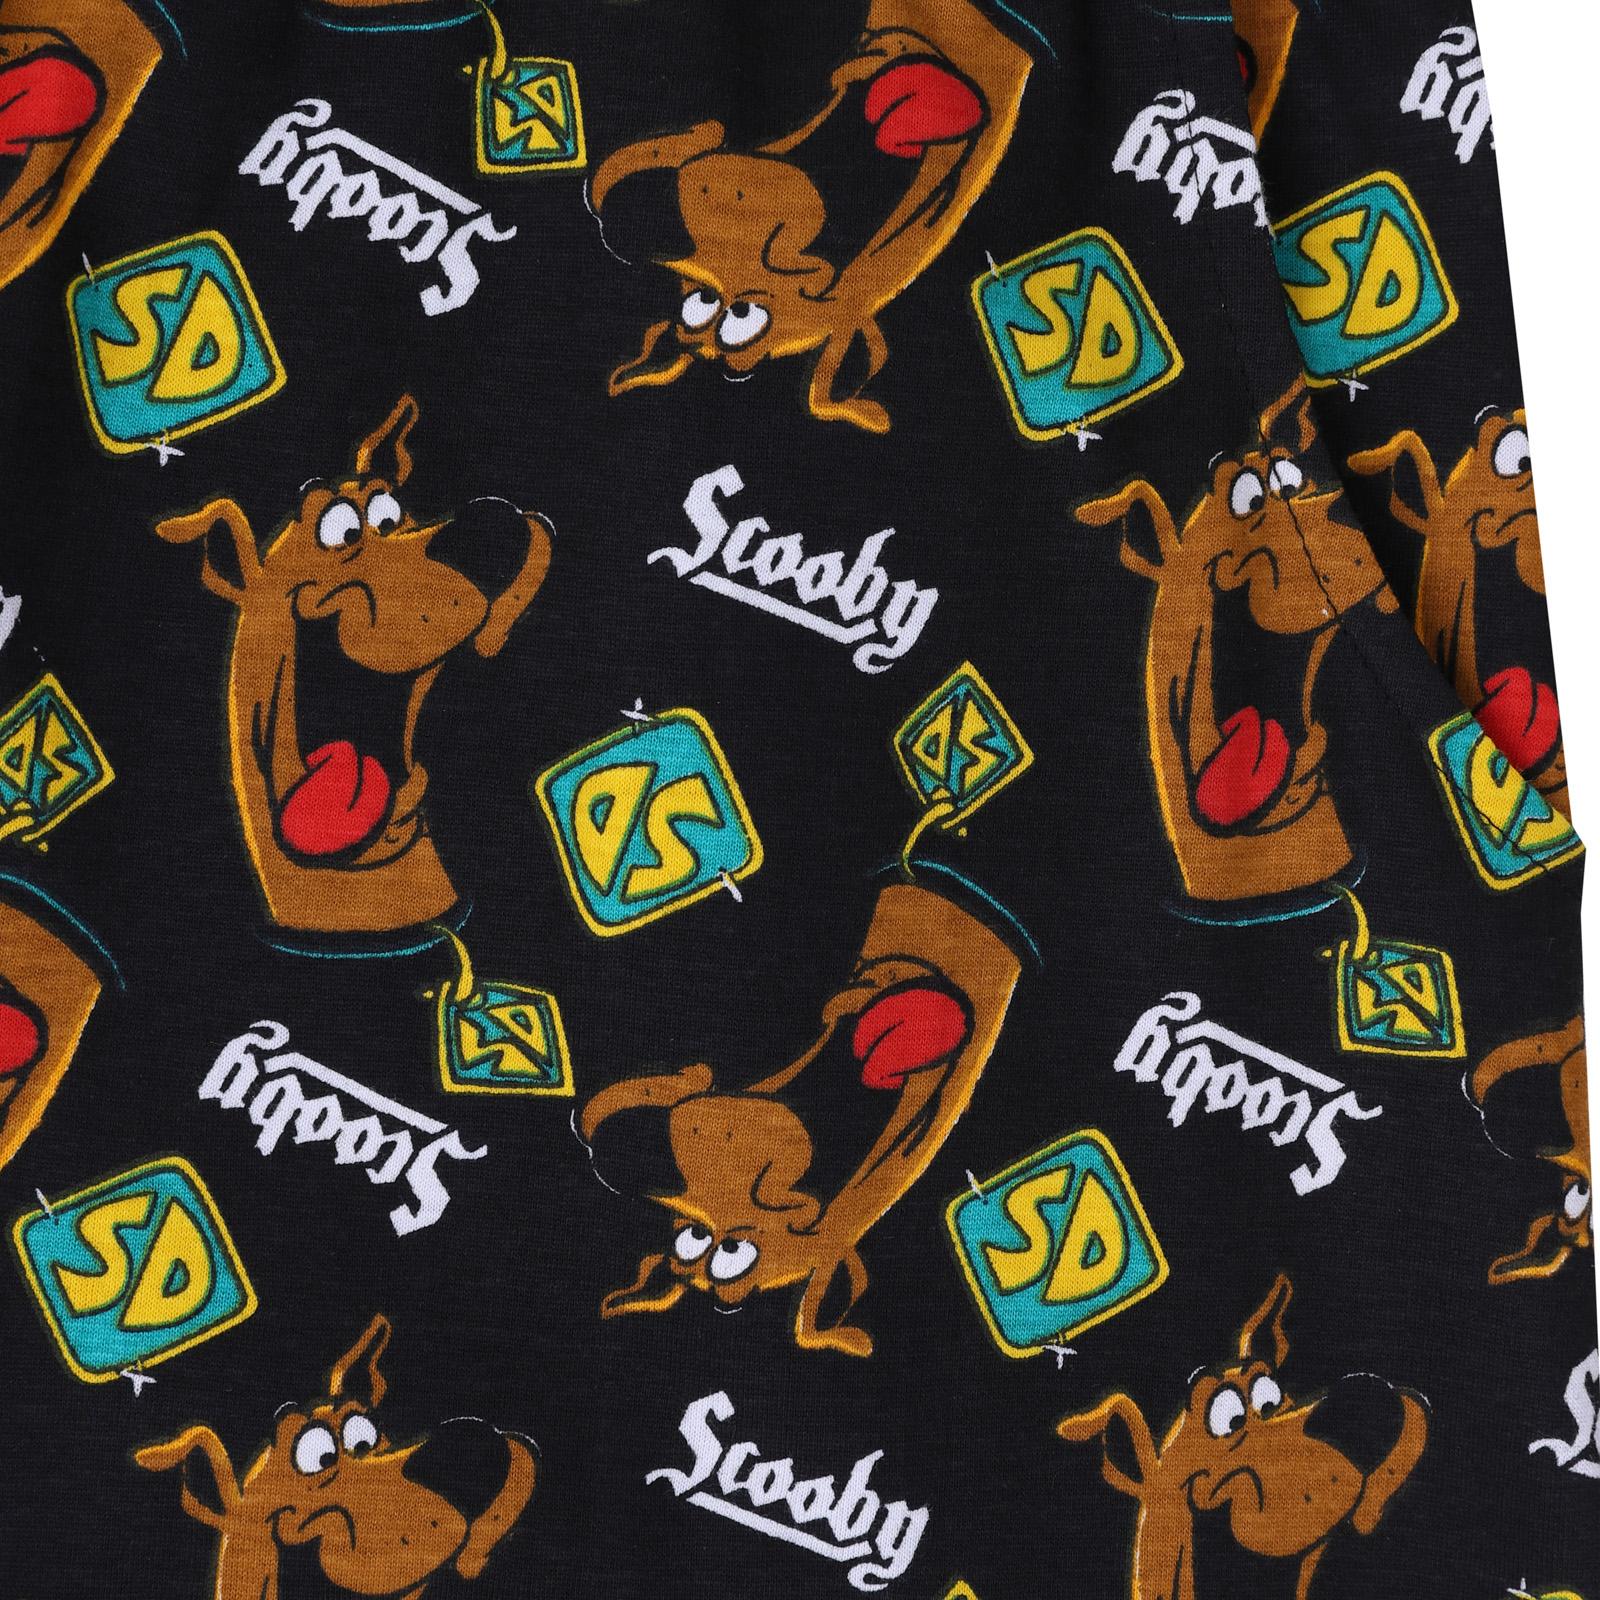 Scooby-Doo-Shaggy-Mystery-Machine-Official-Mens-Loungewear-Retro-Short-Pyjamas thumbnail 5